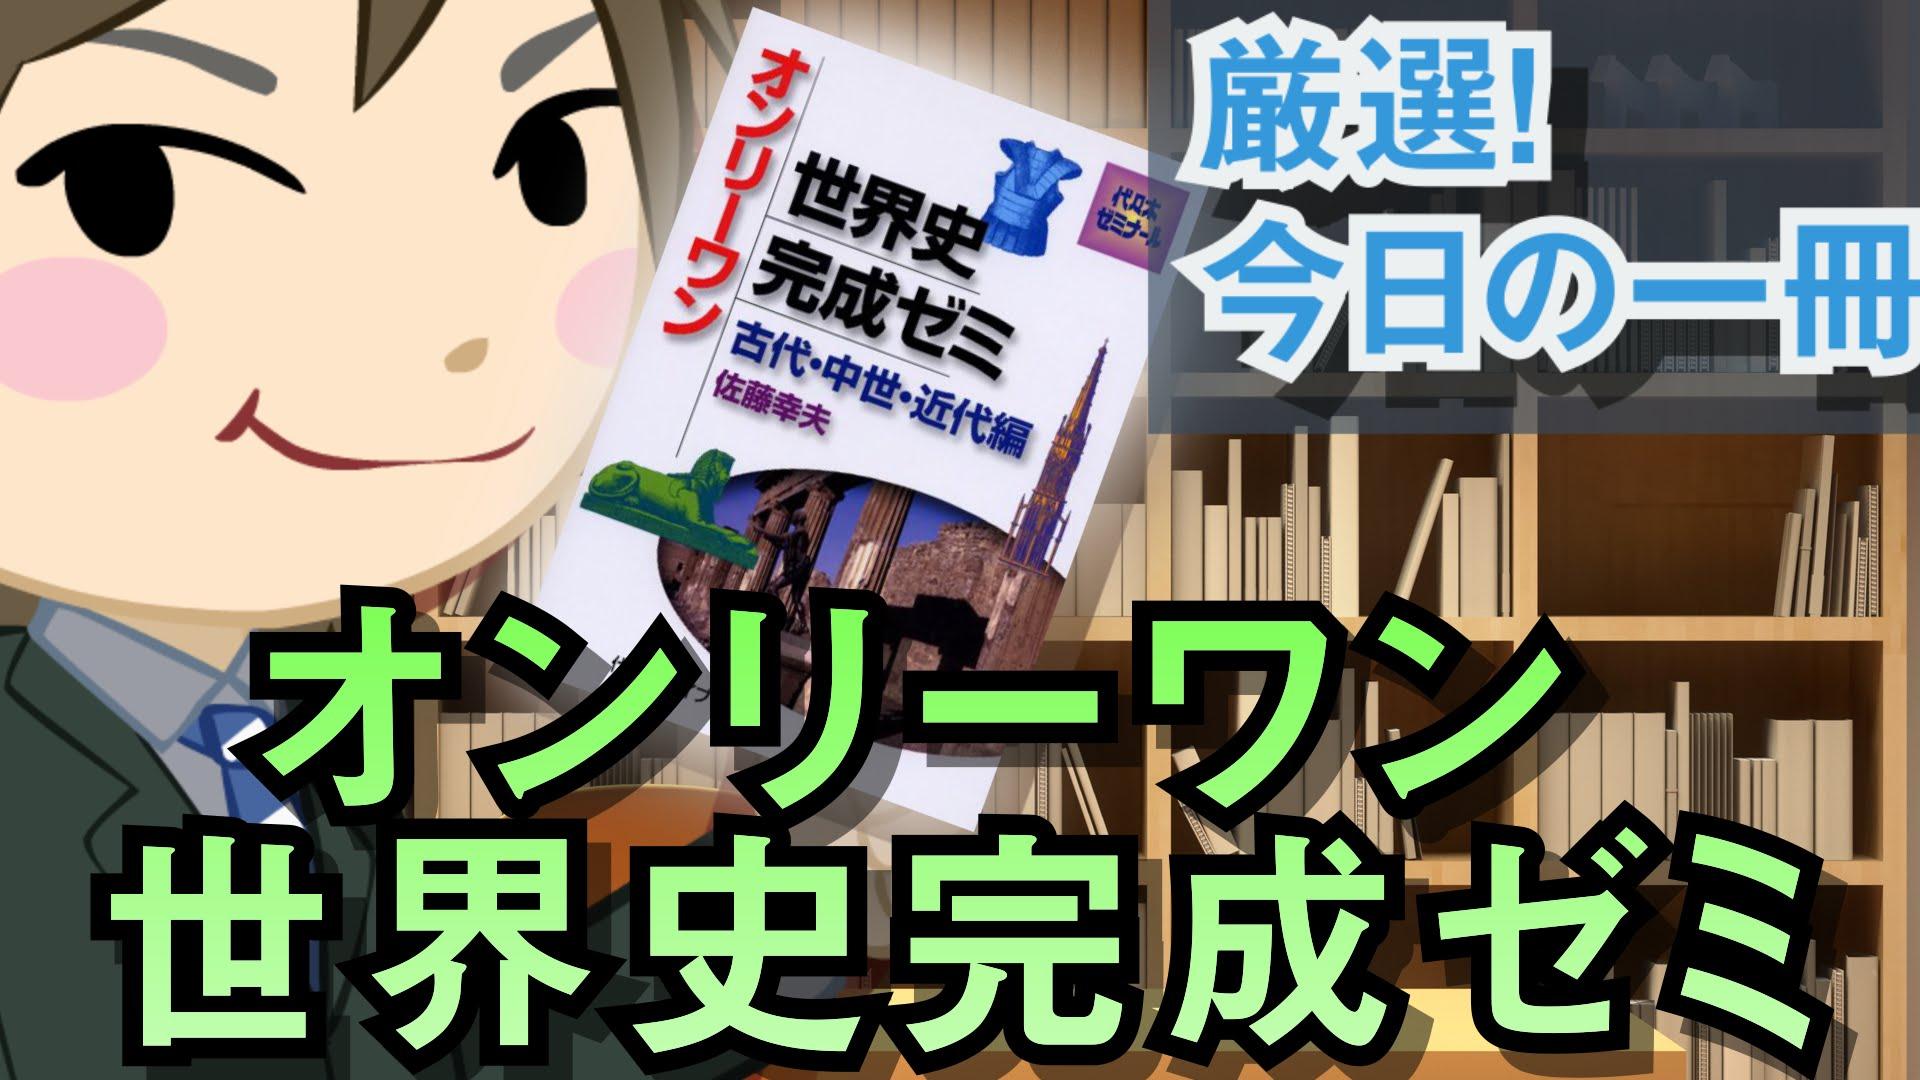 オンリーワン 世界史完成ゼミ|武田塾厳選!今日の一冊